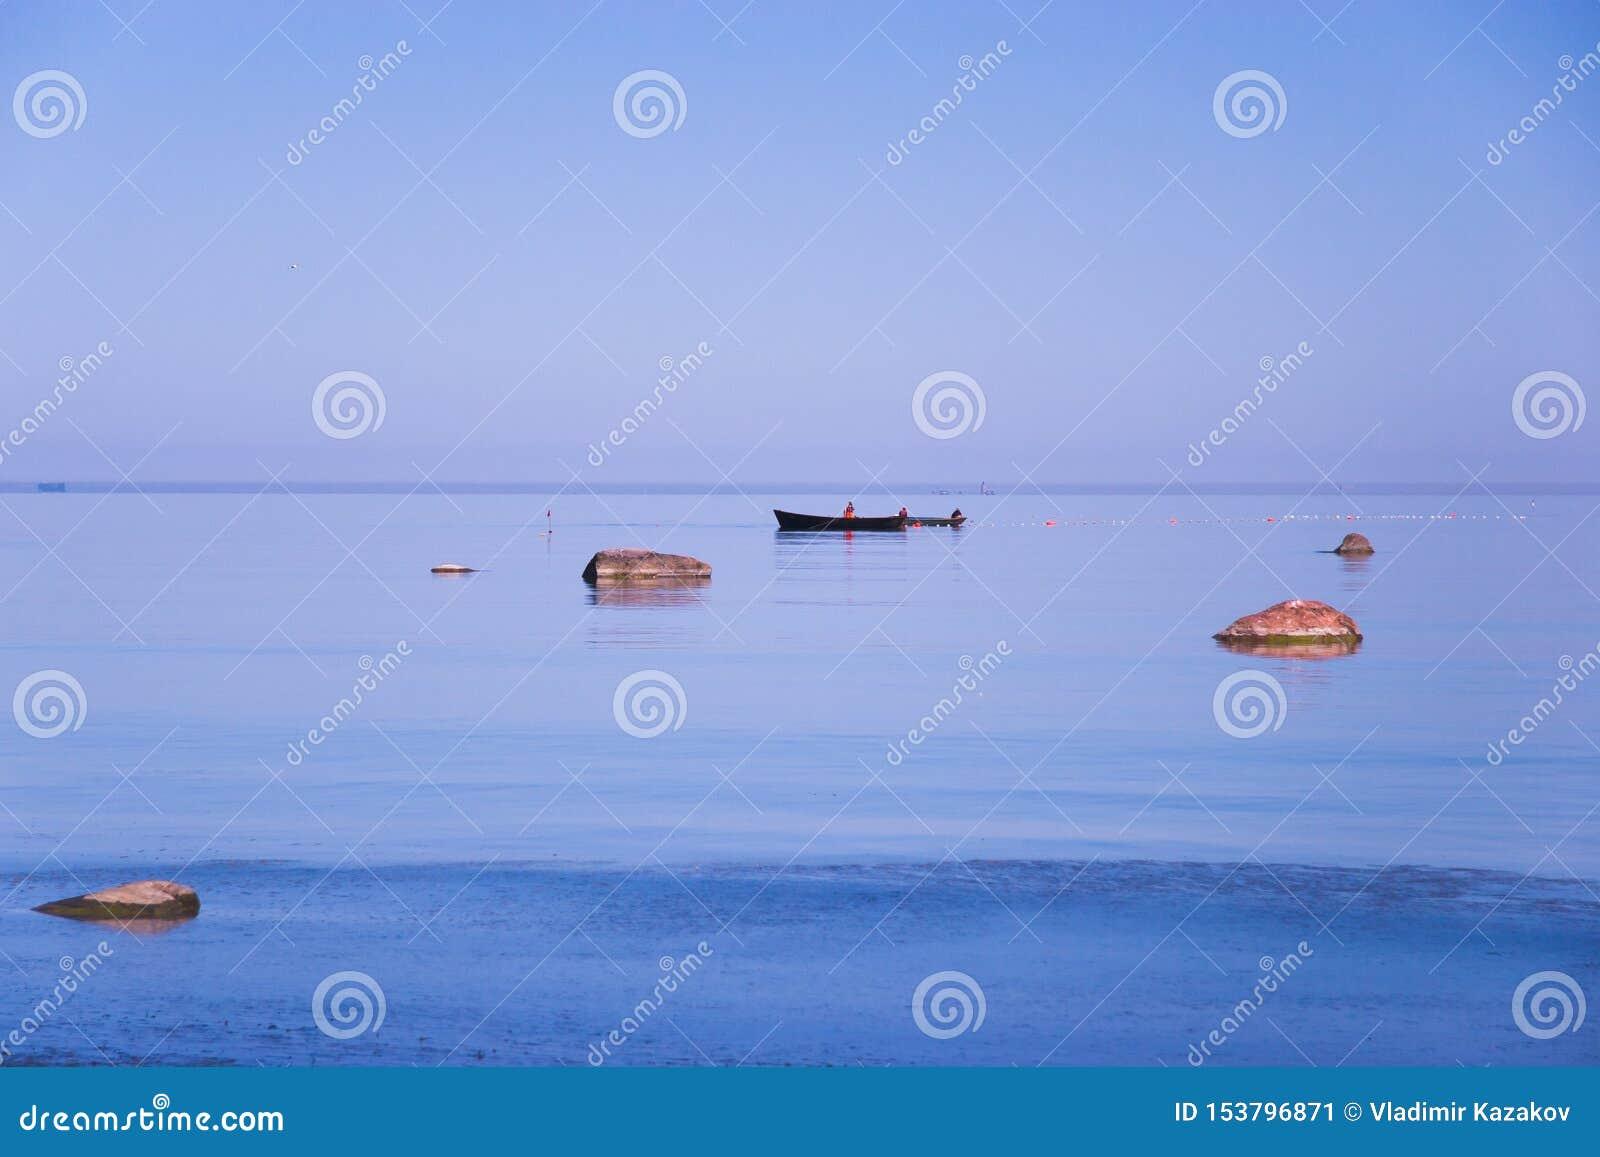 Rybacy na łodziach stawiają sieci i oklepów na rybie w błękitnym morzu wśród kamieni